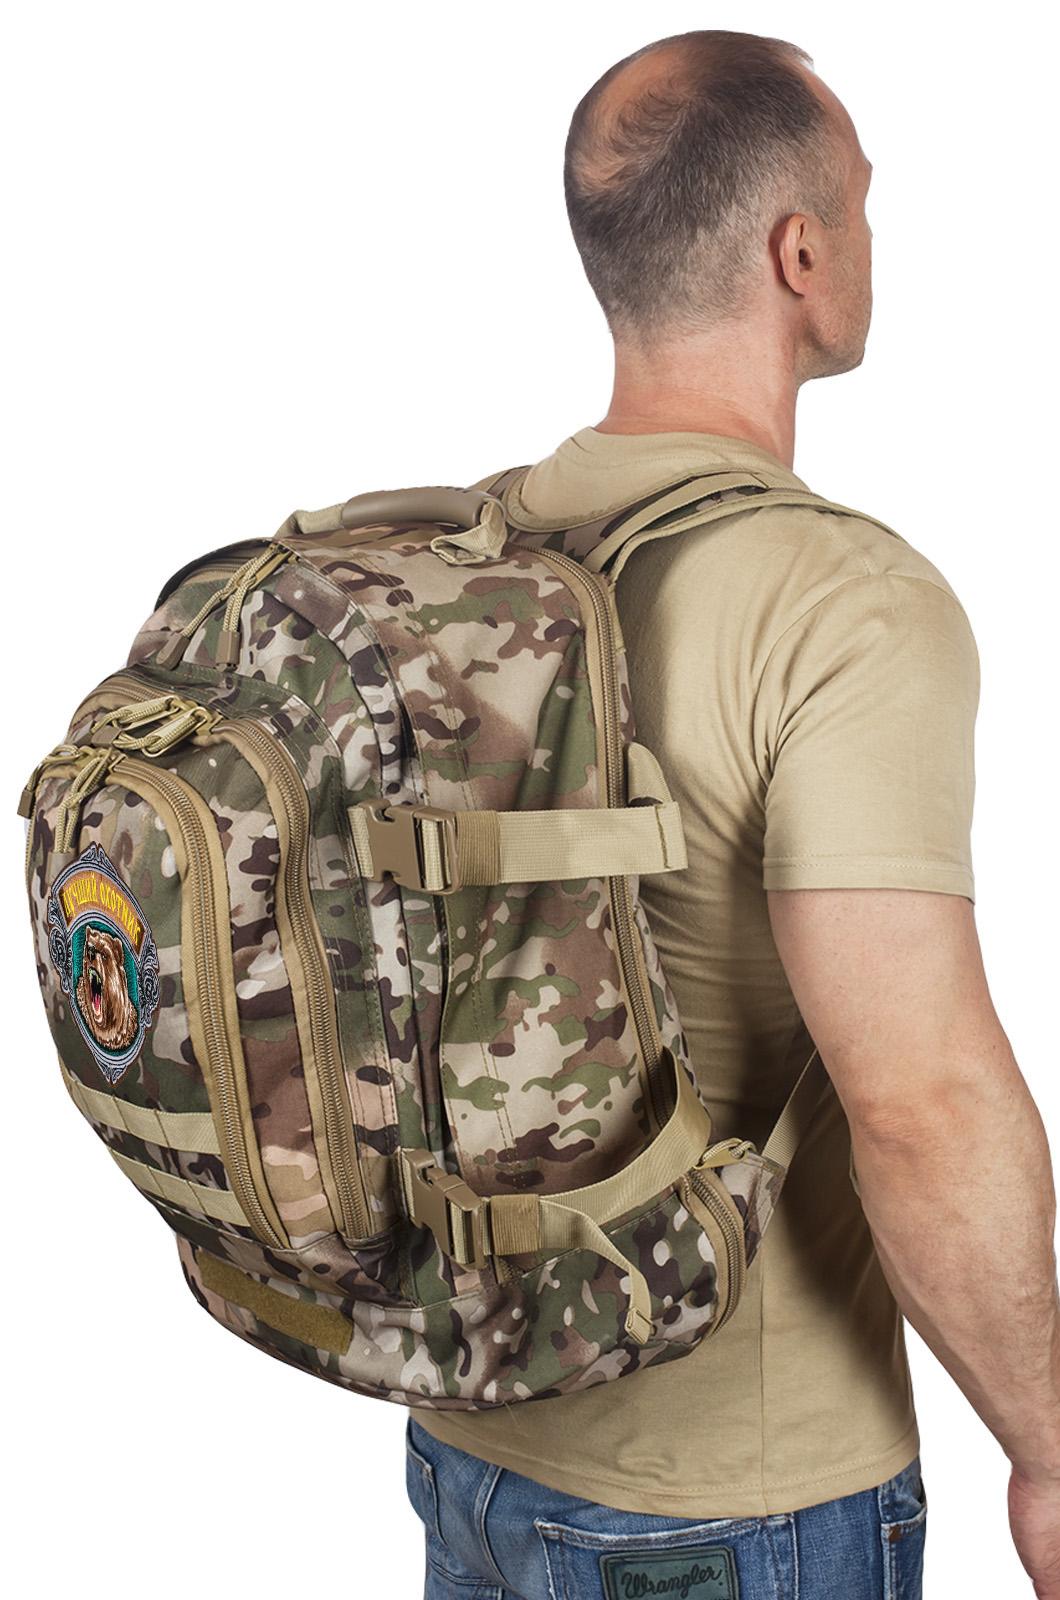 Зачетный камуфляжный рюкзак с нашивкой Лучший Охотник - купить с доставкой